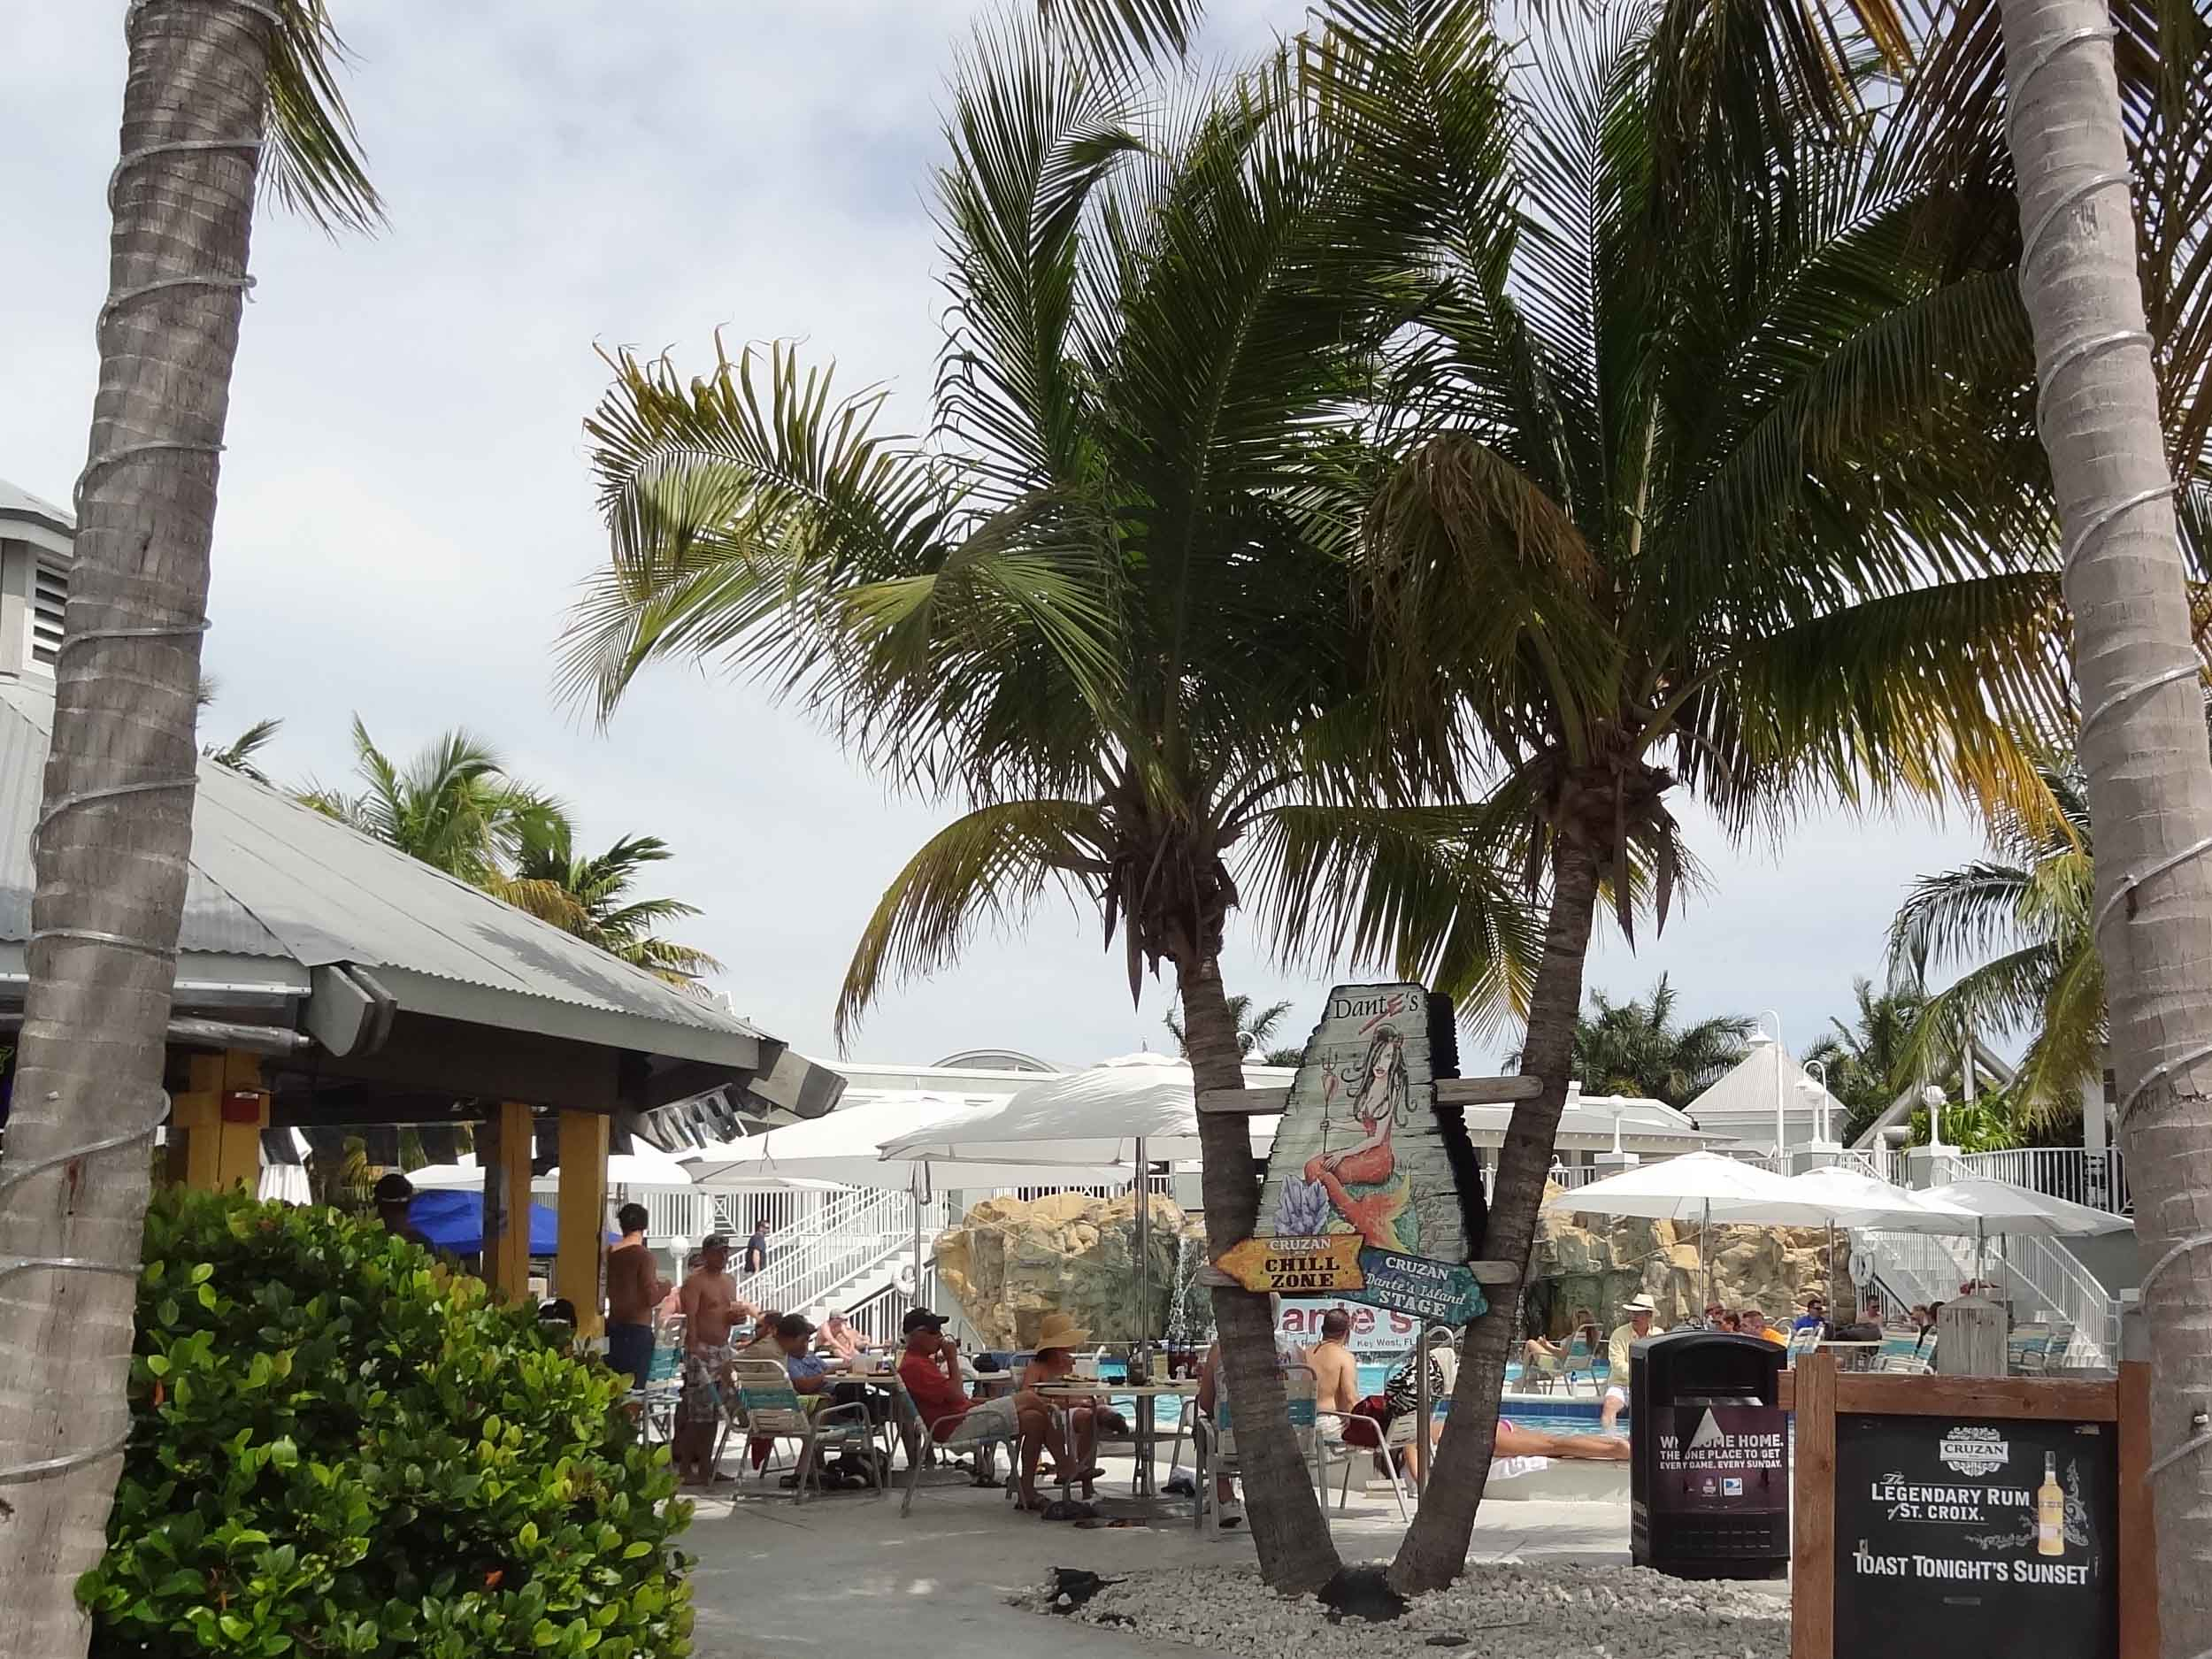 Dante's Key West Entrance